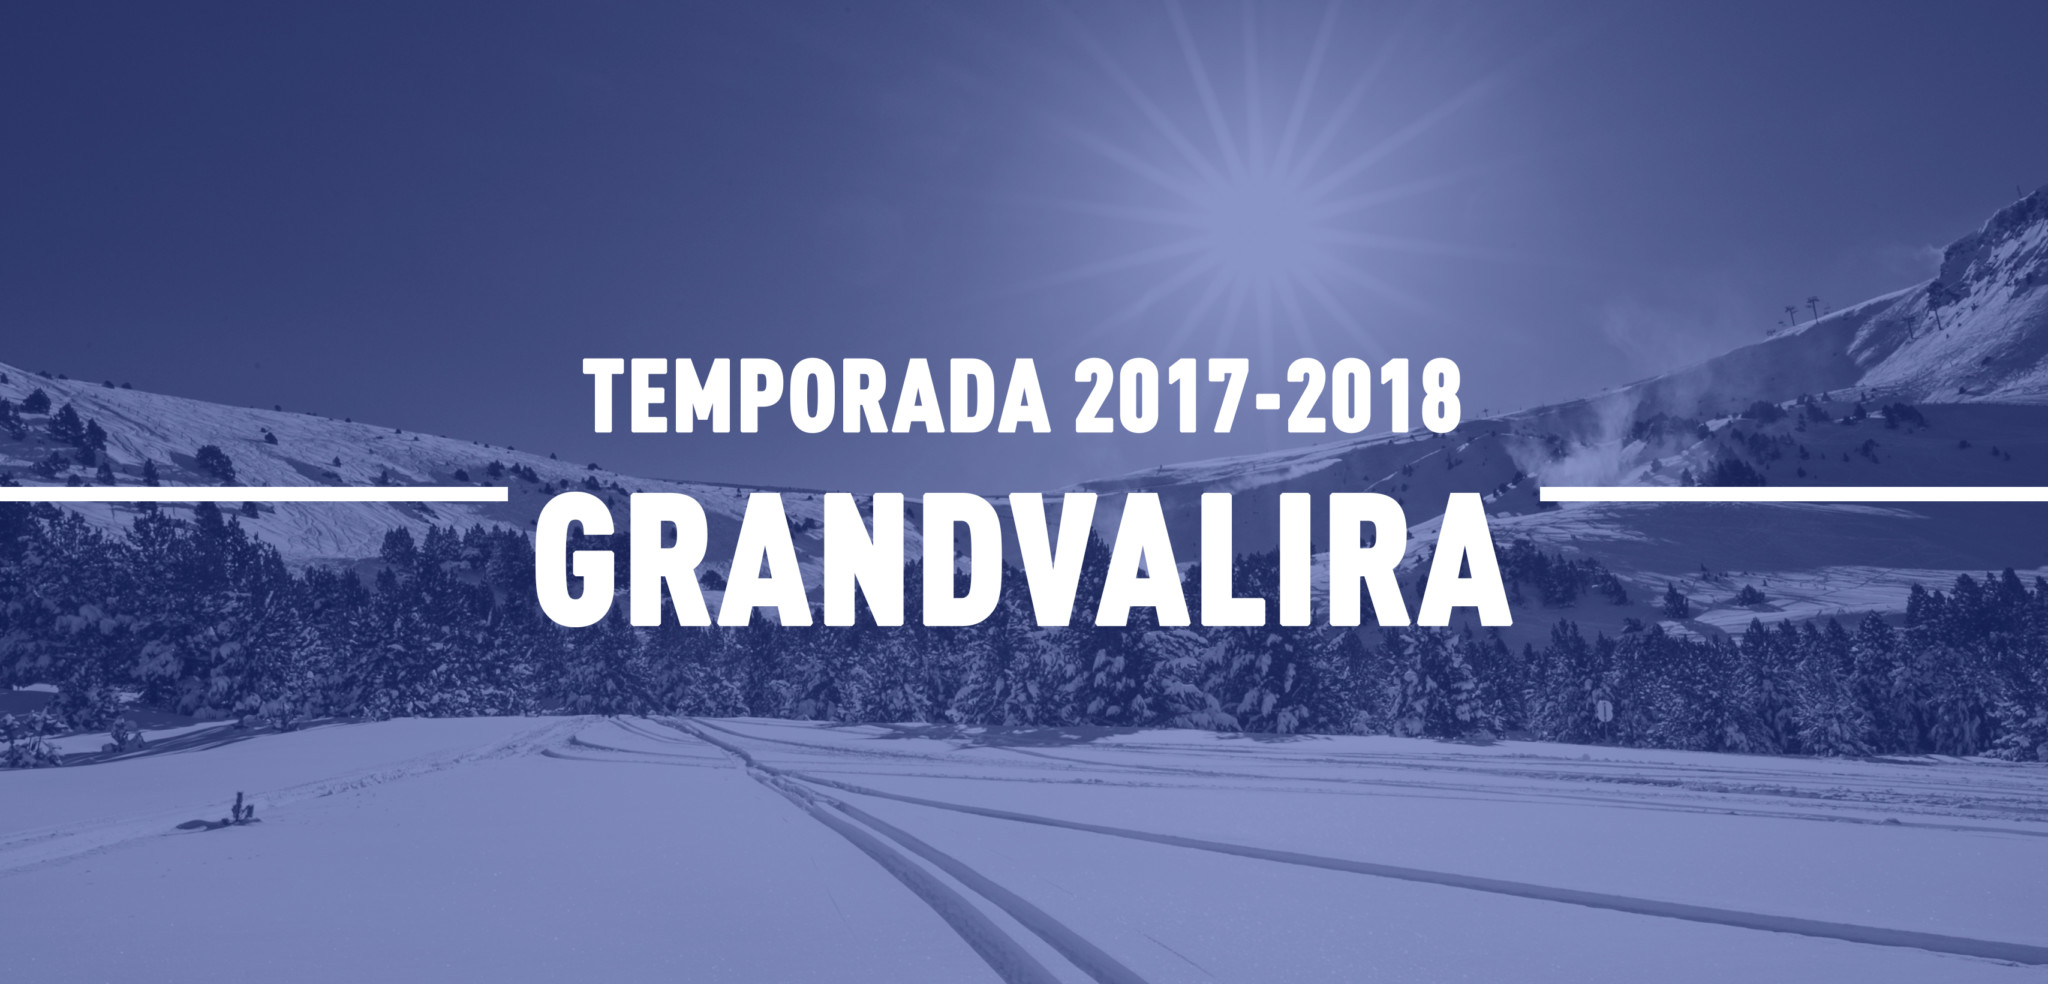 Grandvalira 2017-2018